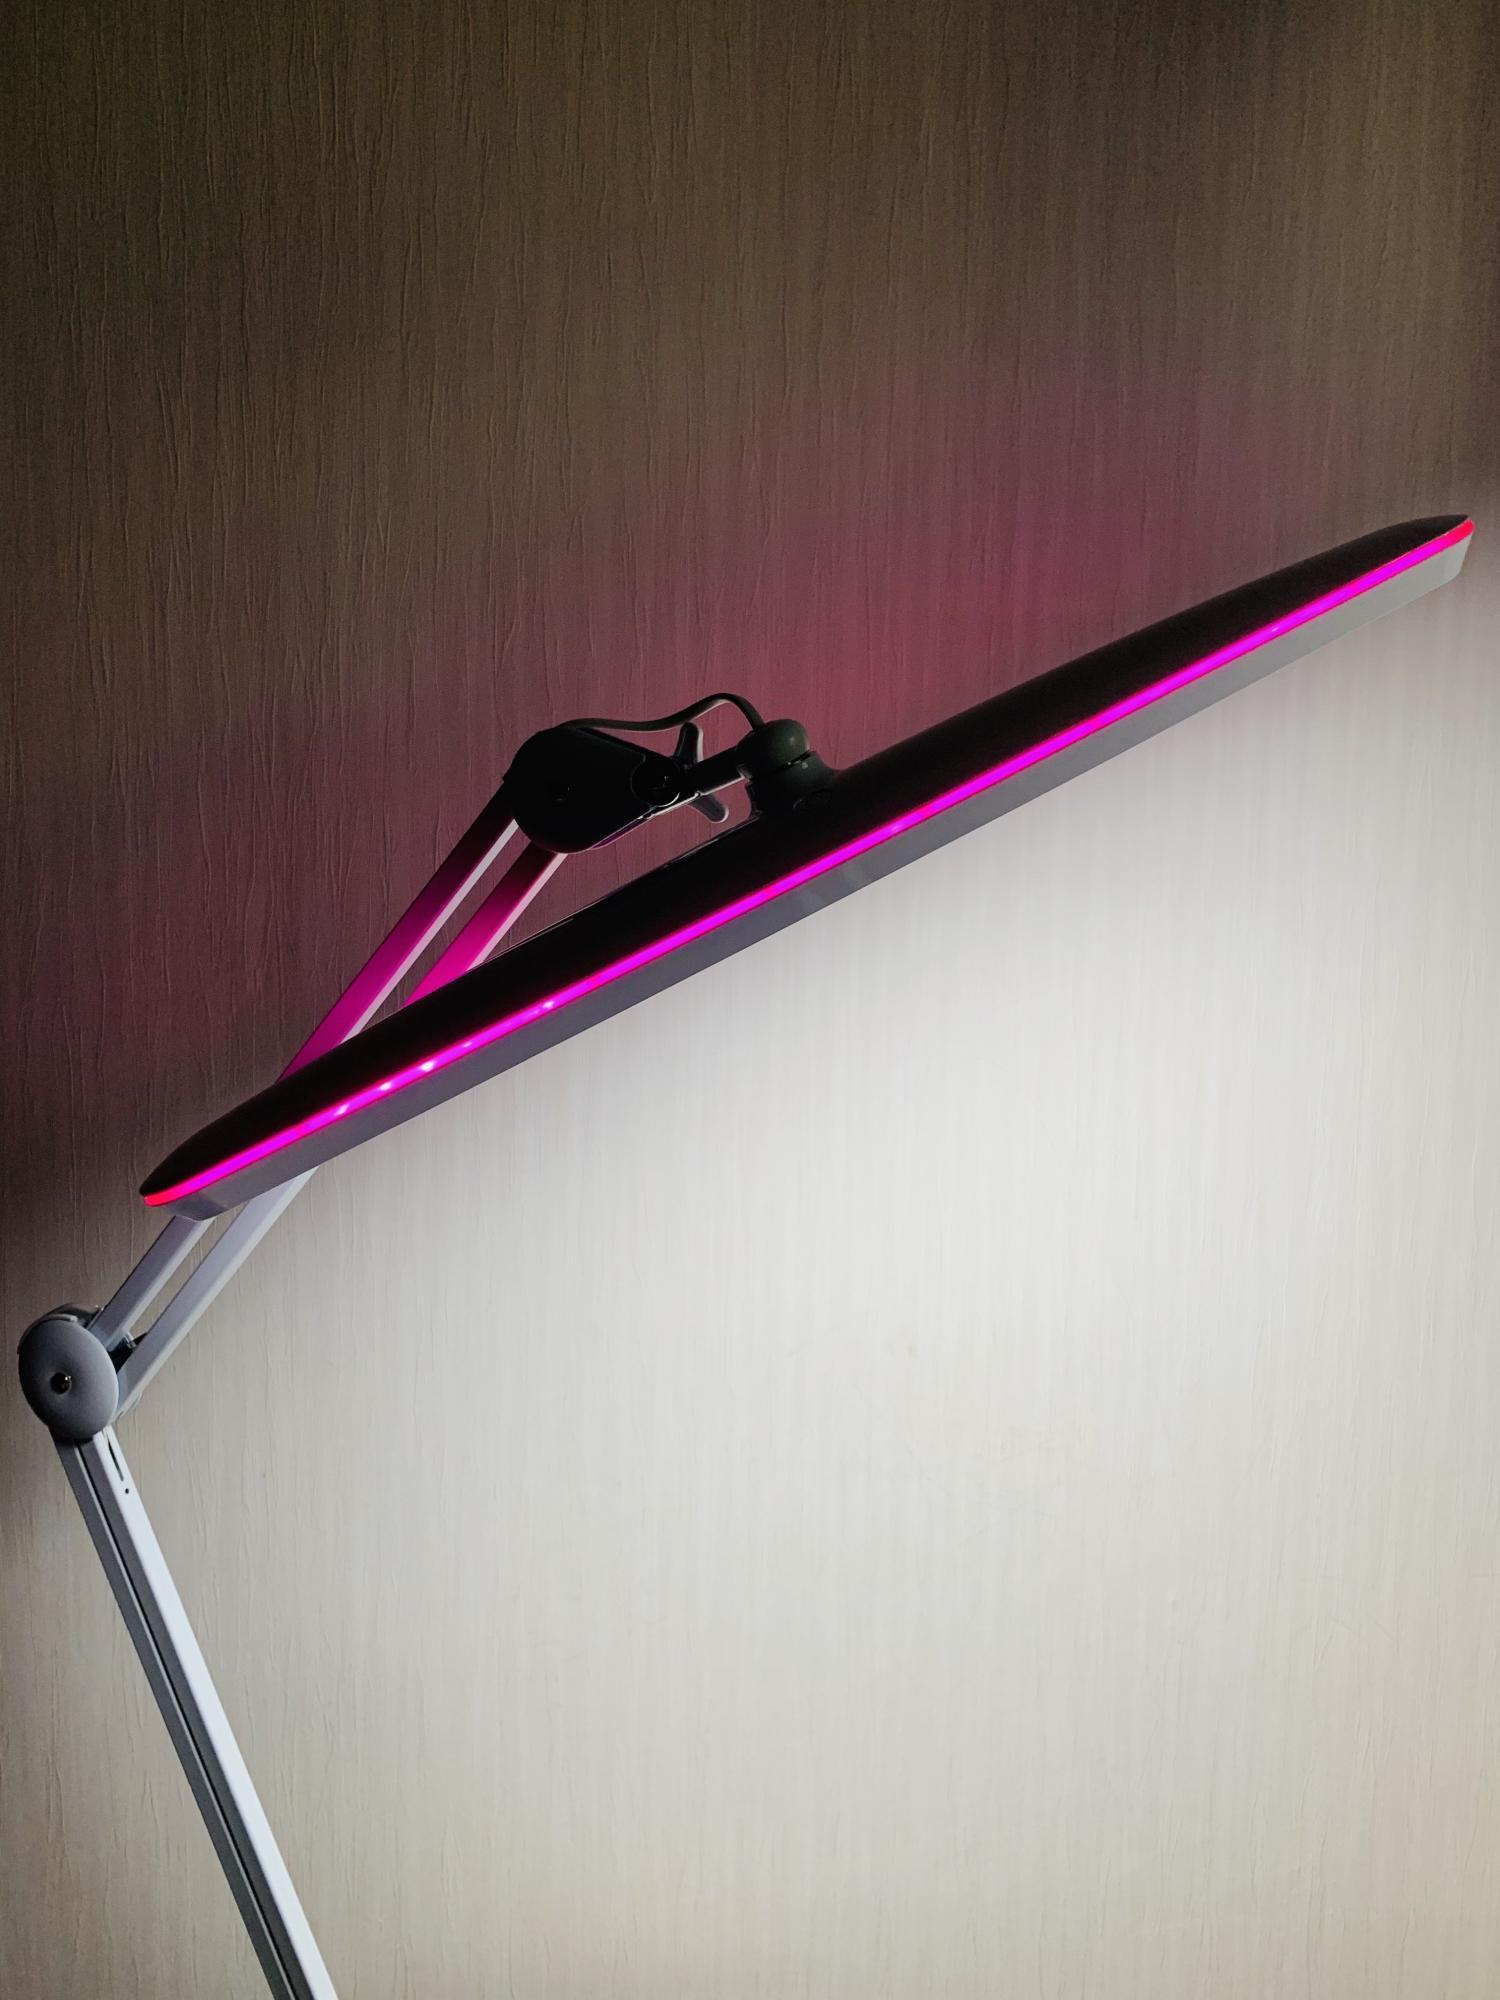 Светодиодная лампа для наращивания ресниц 182диода в Москве 89777071730 купить 1